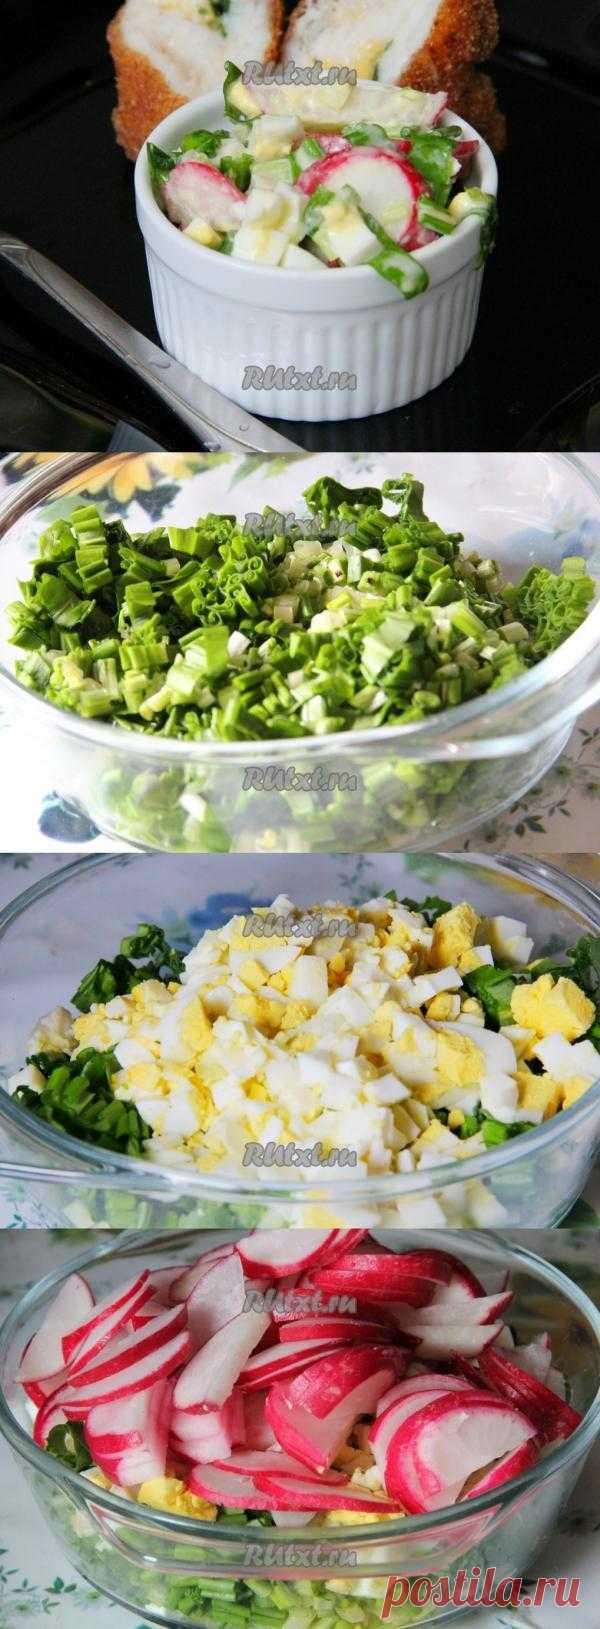 Салат с редиской, яйцом и черемшой